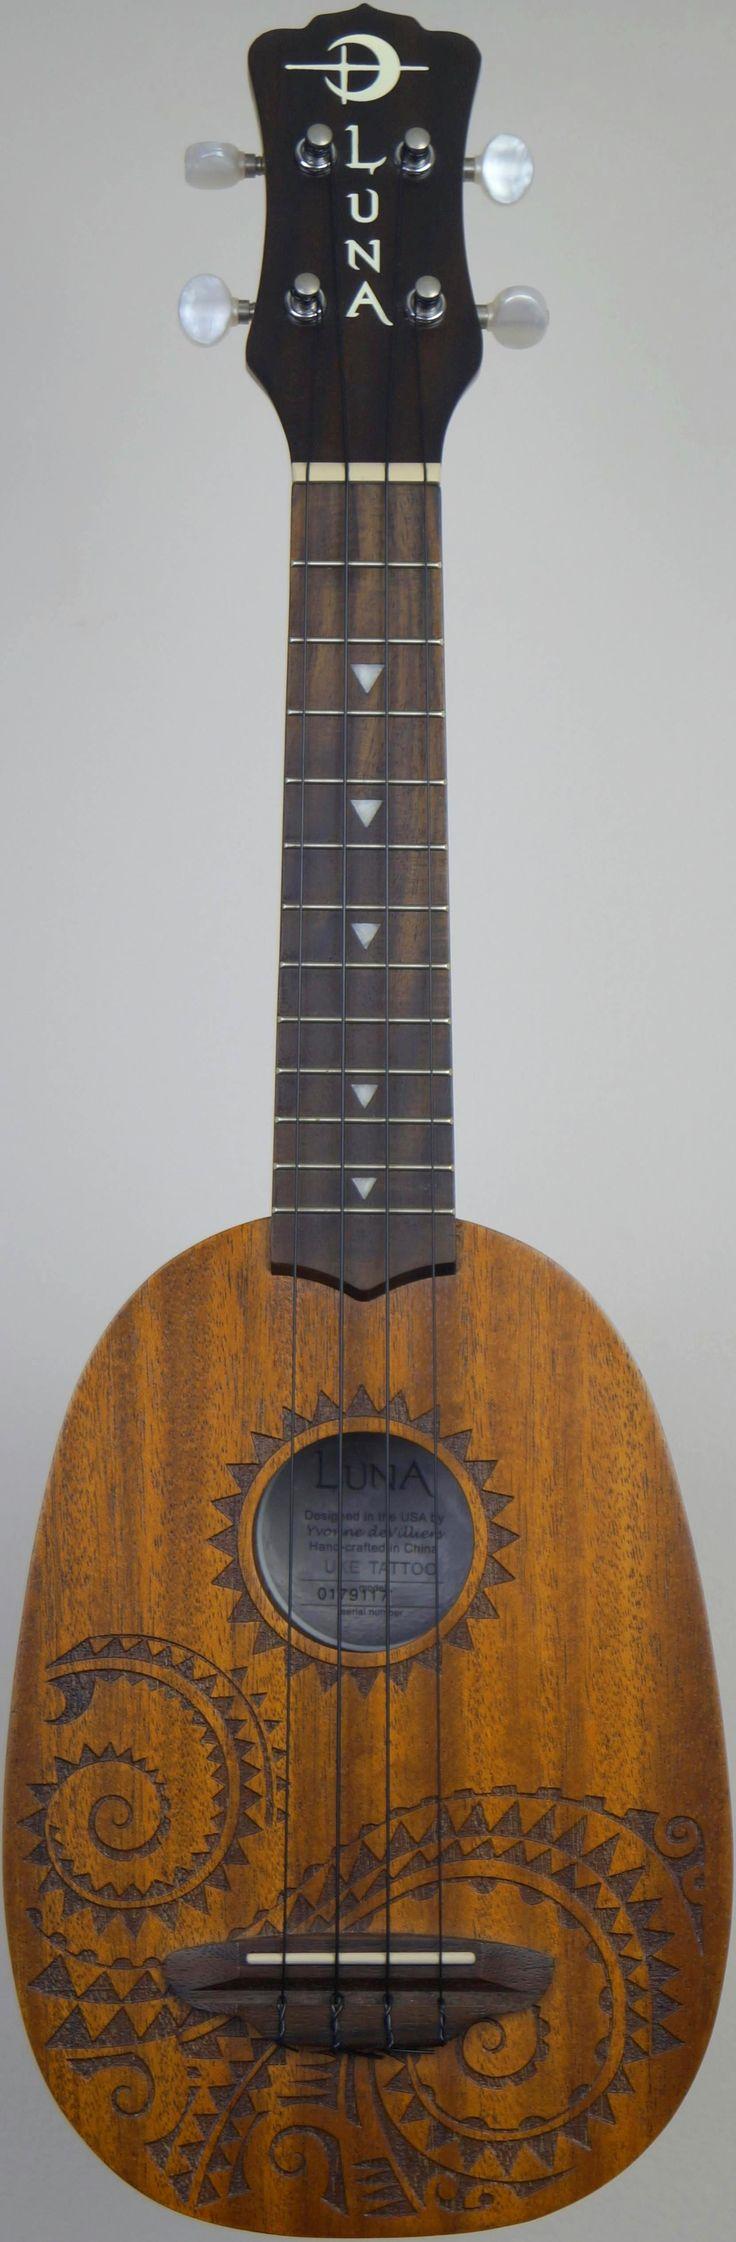 """lardyfatboy: My Luna """"Tattoo"""" laser etched Soprano Pineapple at Ukulele Corner ==Ukulele of the day - 2 years ago --- https://www.pinterest.com/lardyfatboy/"""